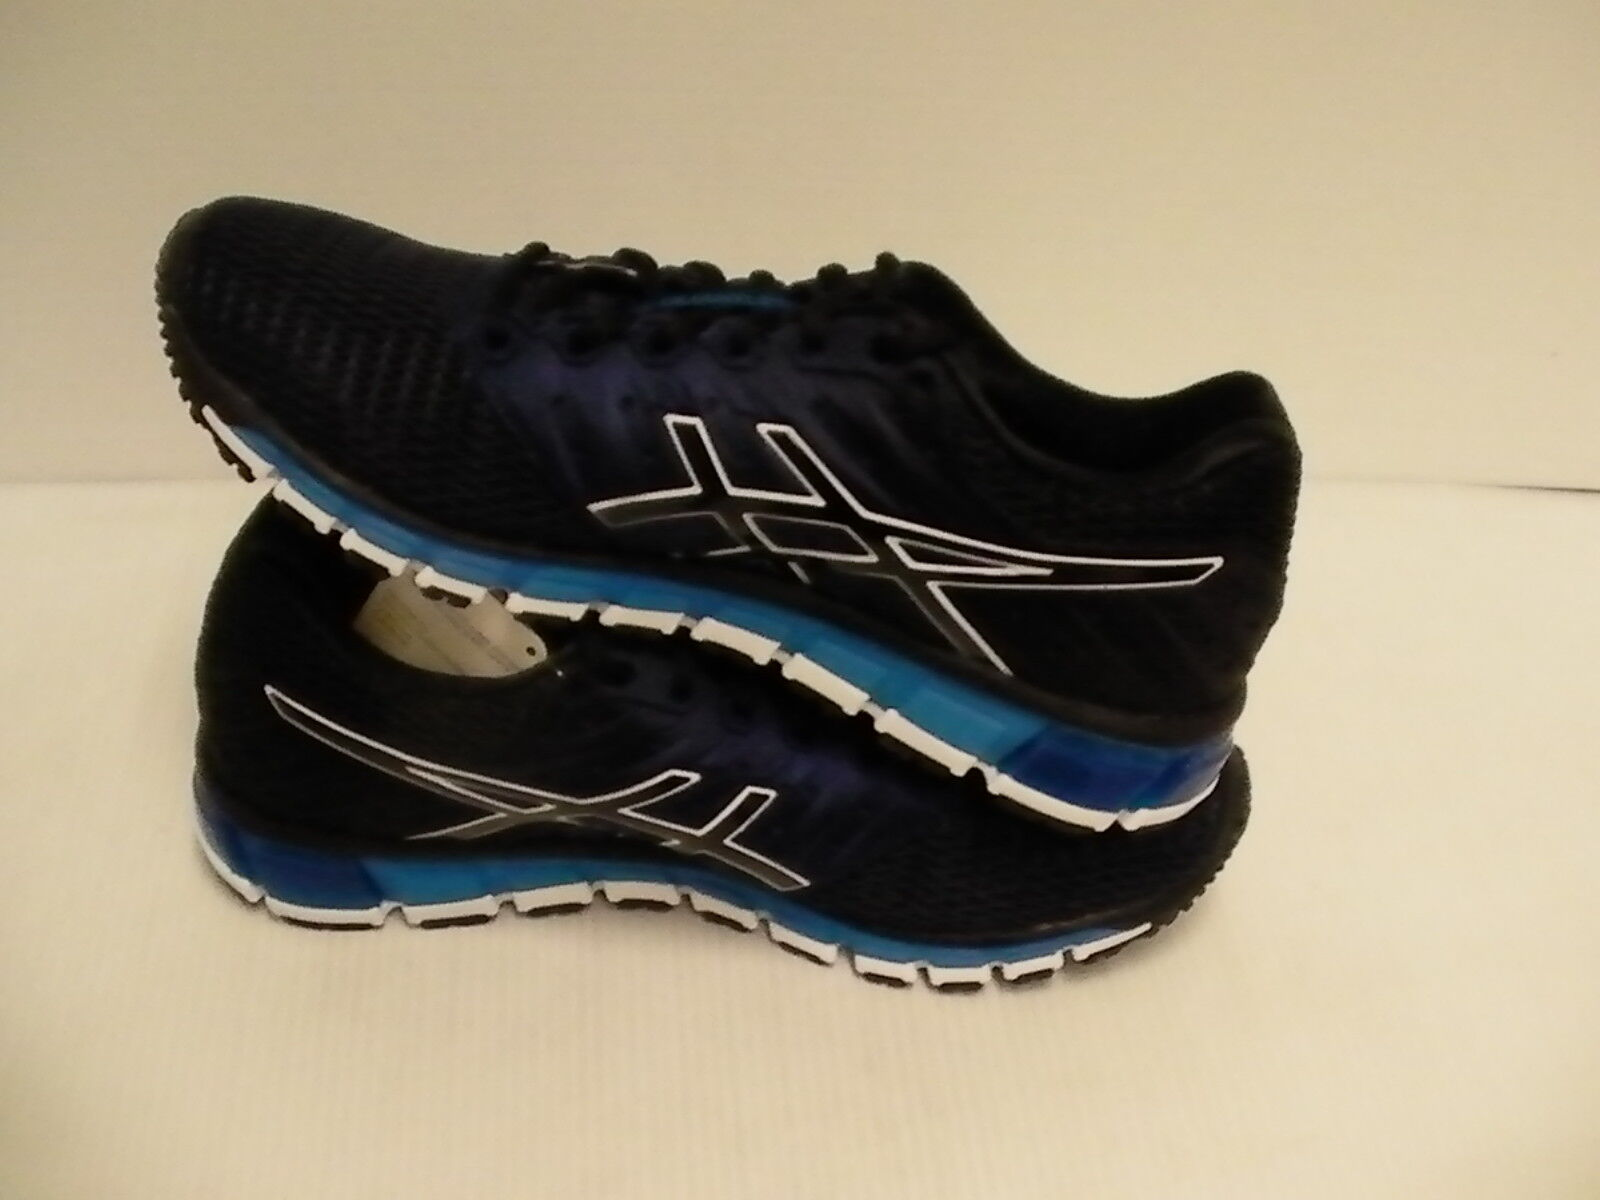 Asics Homme Gel Quantum 180 2 Chaussures de Pointure Course Caban Noir Bleu Pointure de 10.5 f1a231